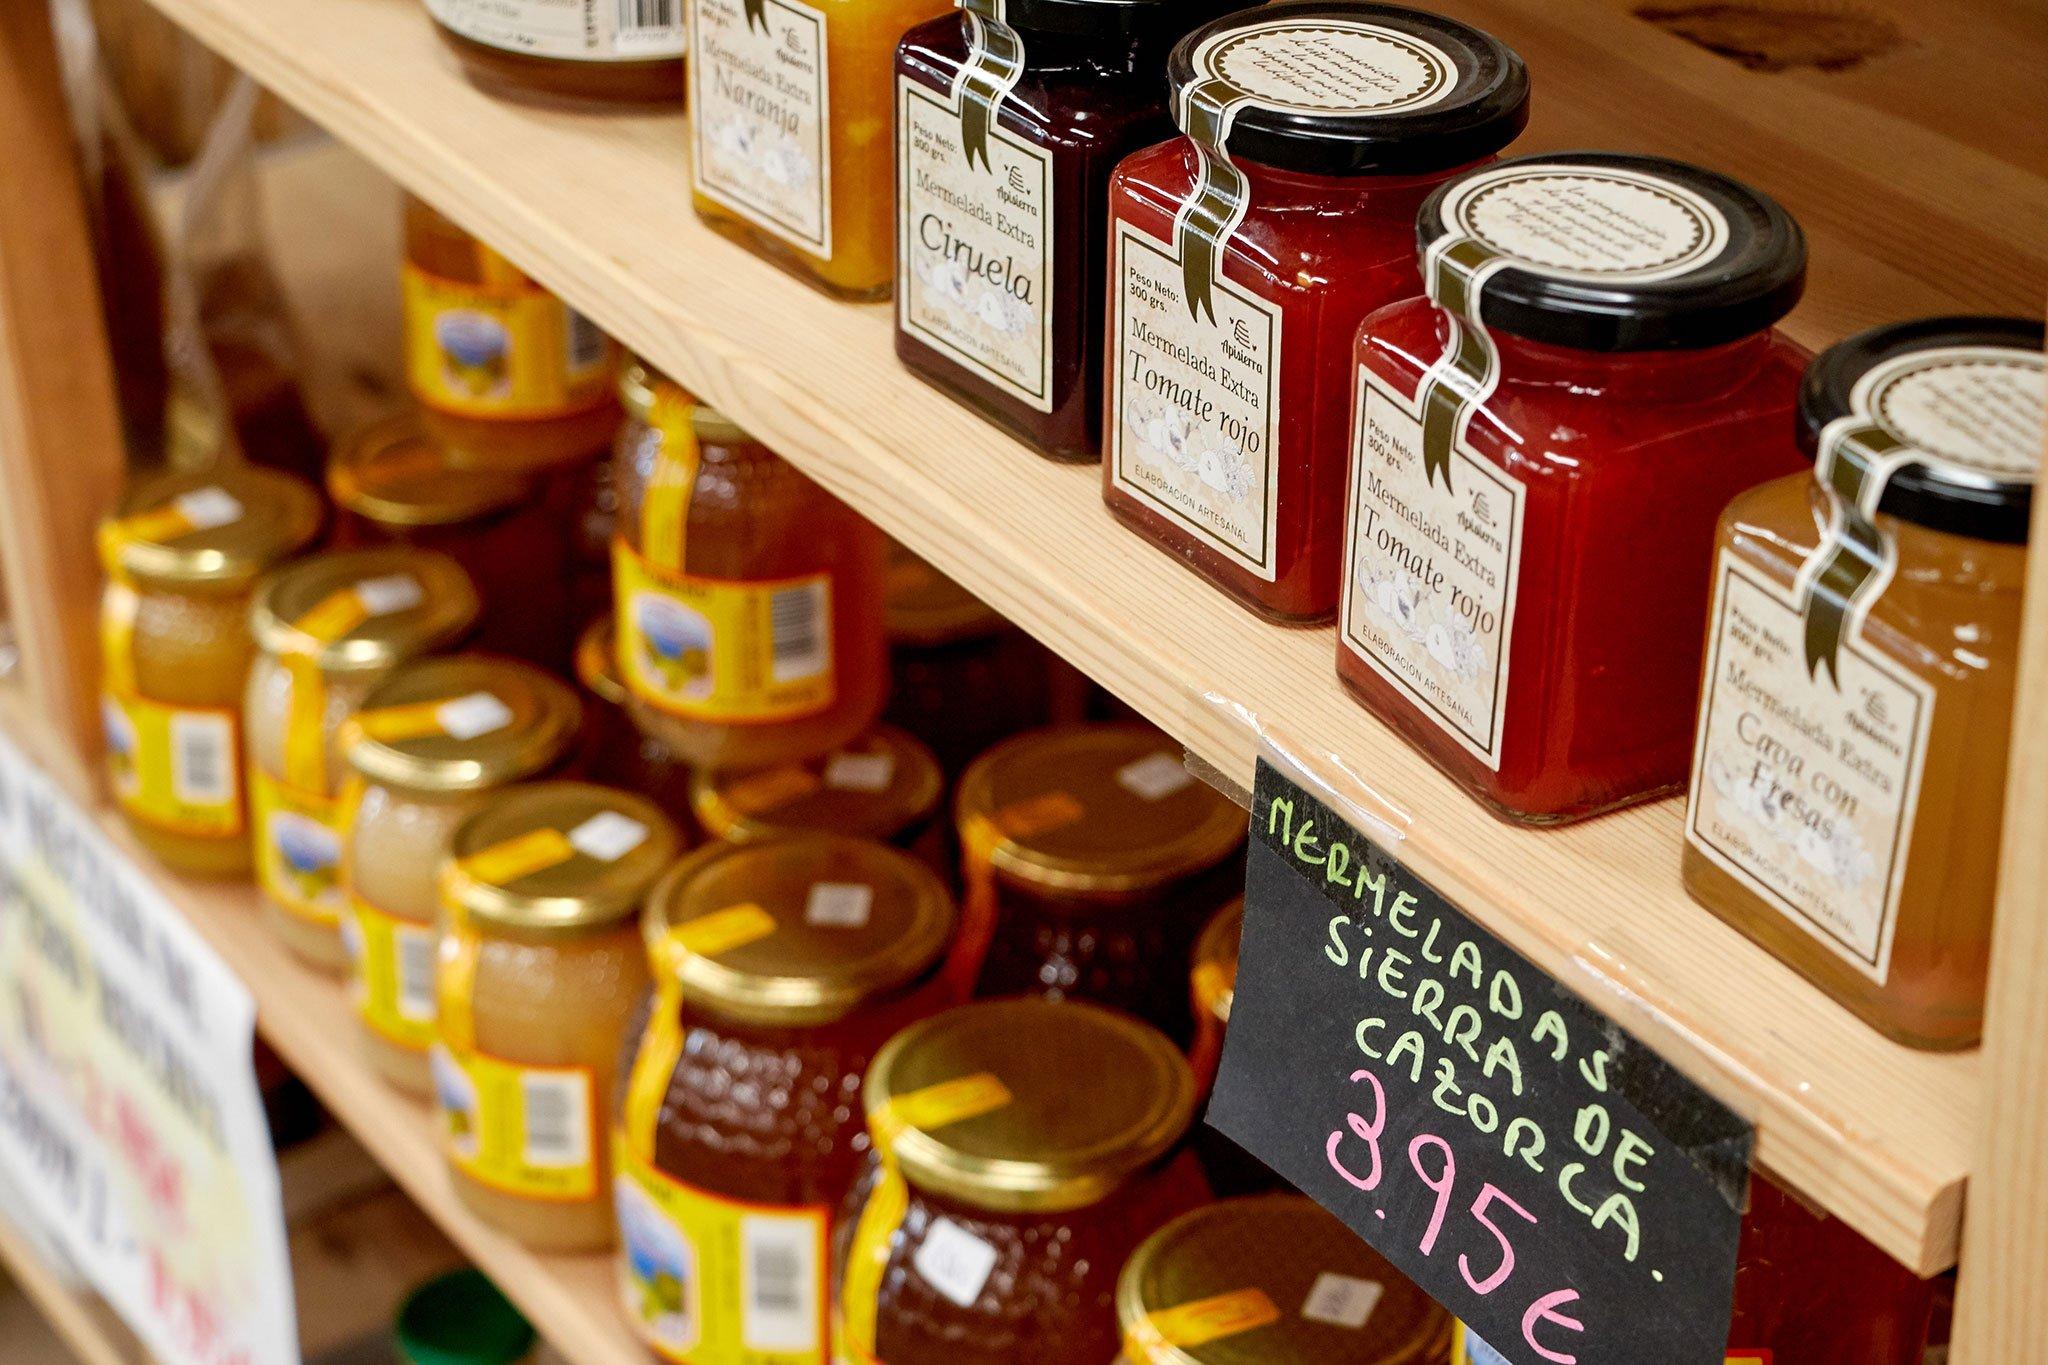 Miel y mermelada artesanal en Dénia, en La Nau d'Orozco – Frutas y verduras Orozco